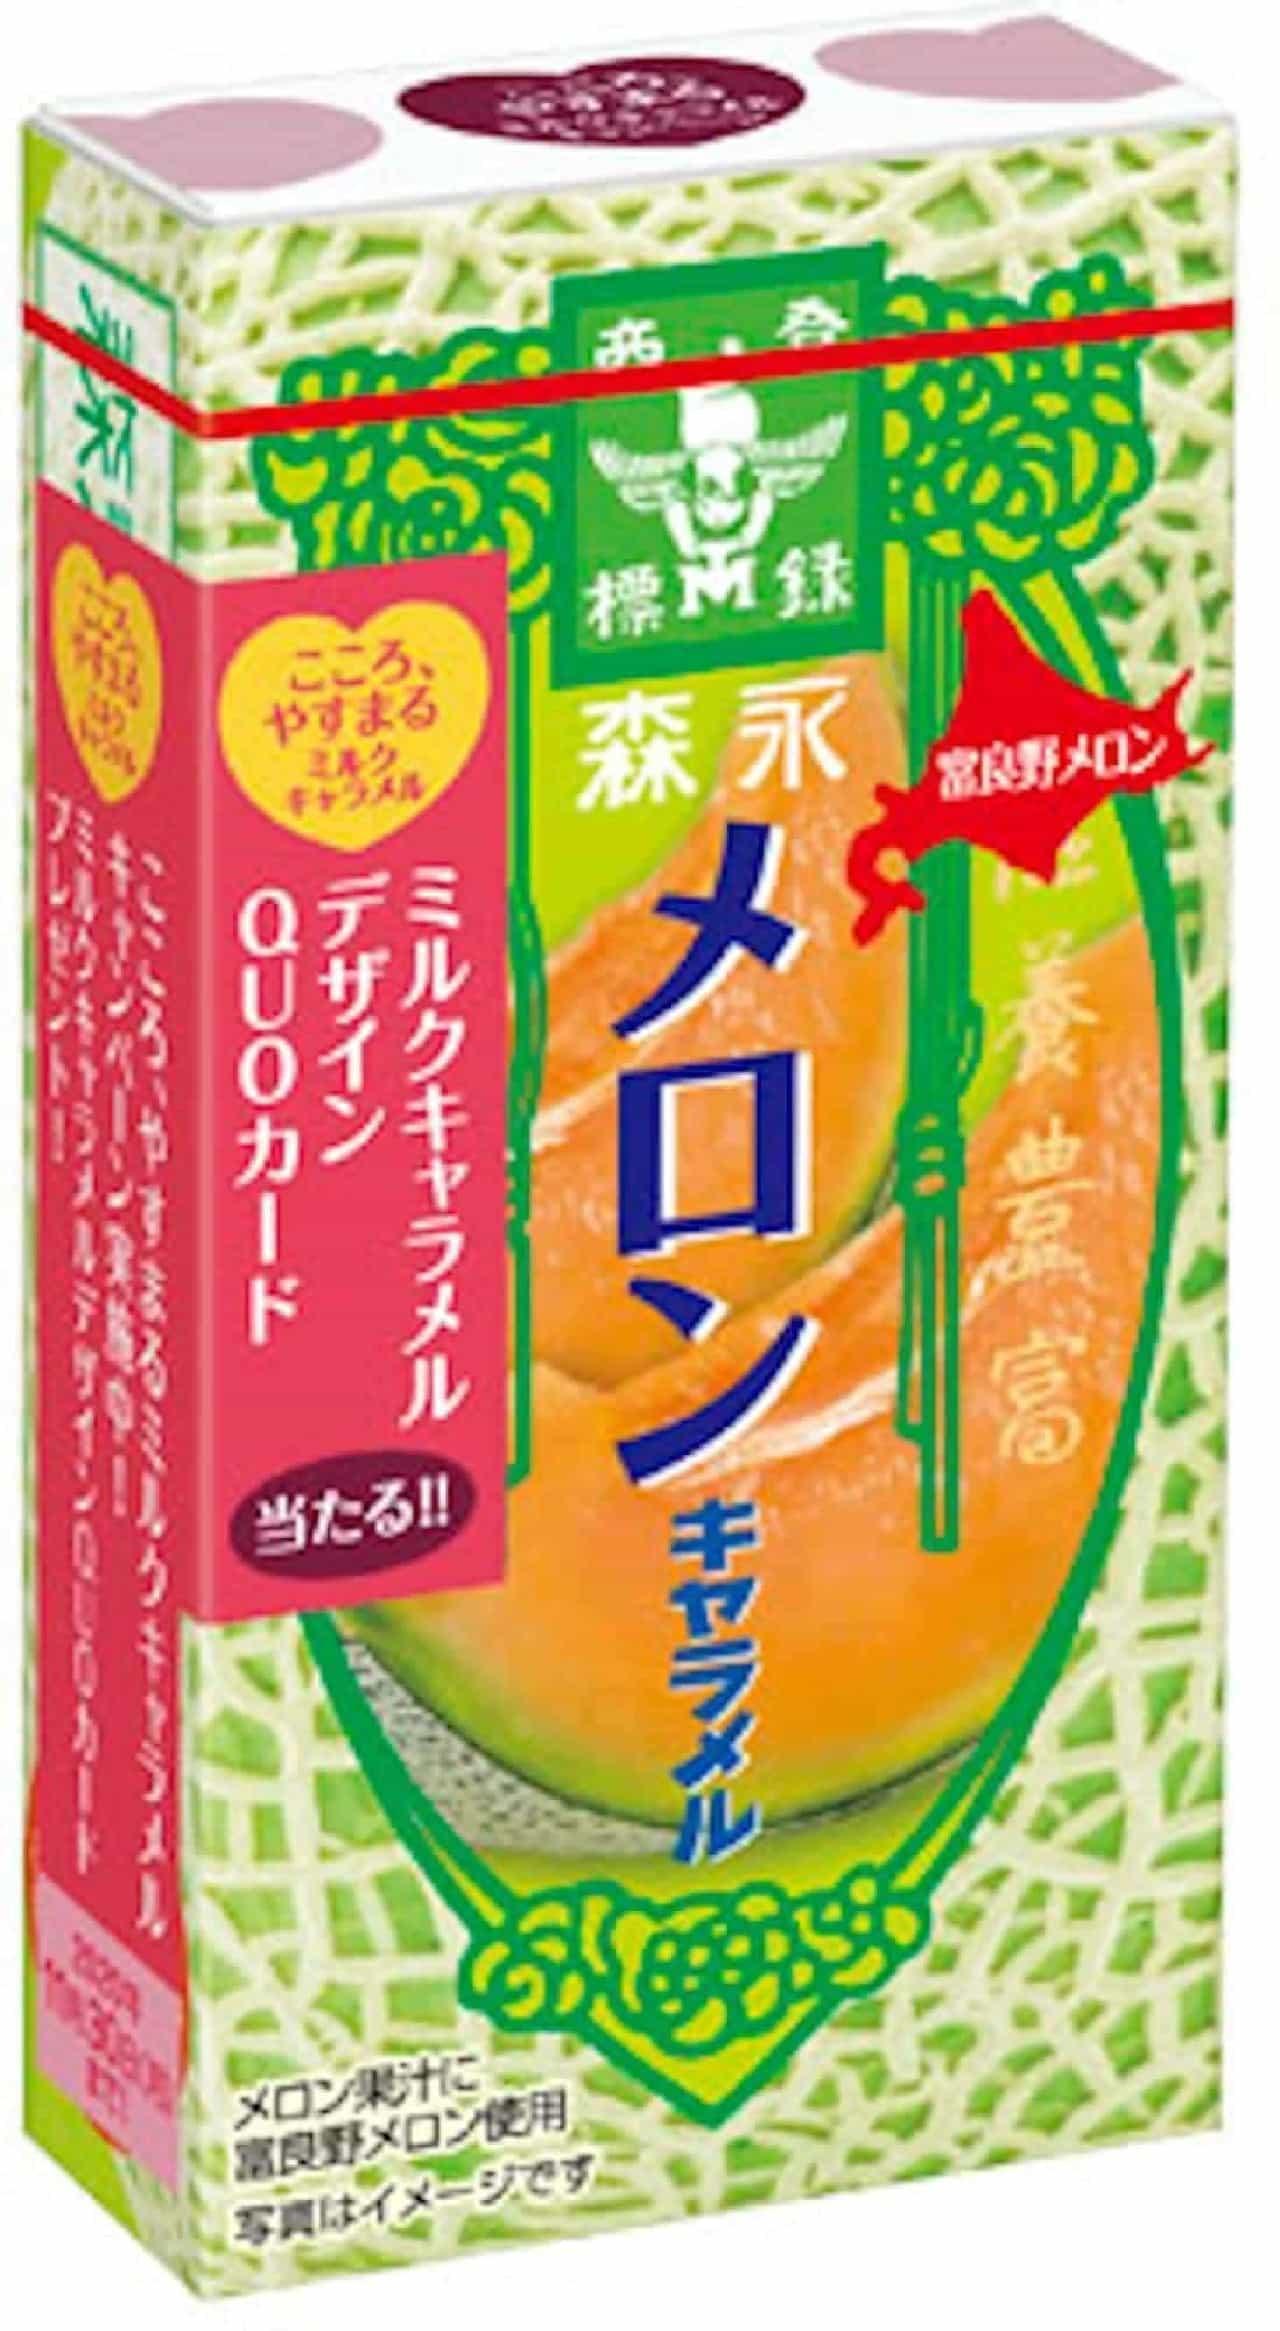 フルーツの香りの「メロンキャラメル」「ゴールデンパインキャラメル」